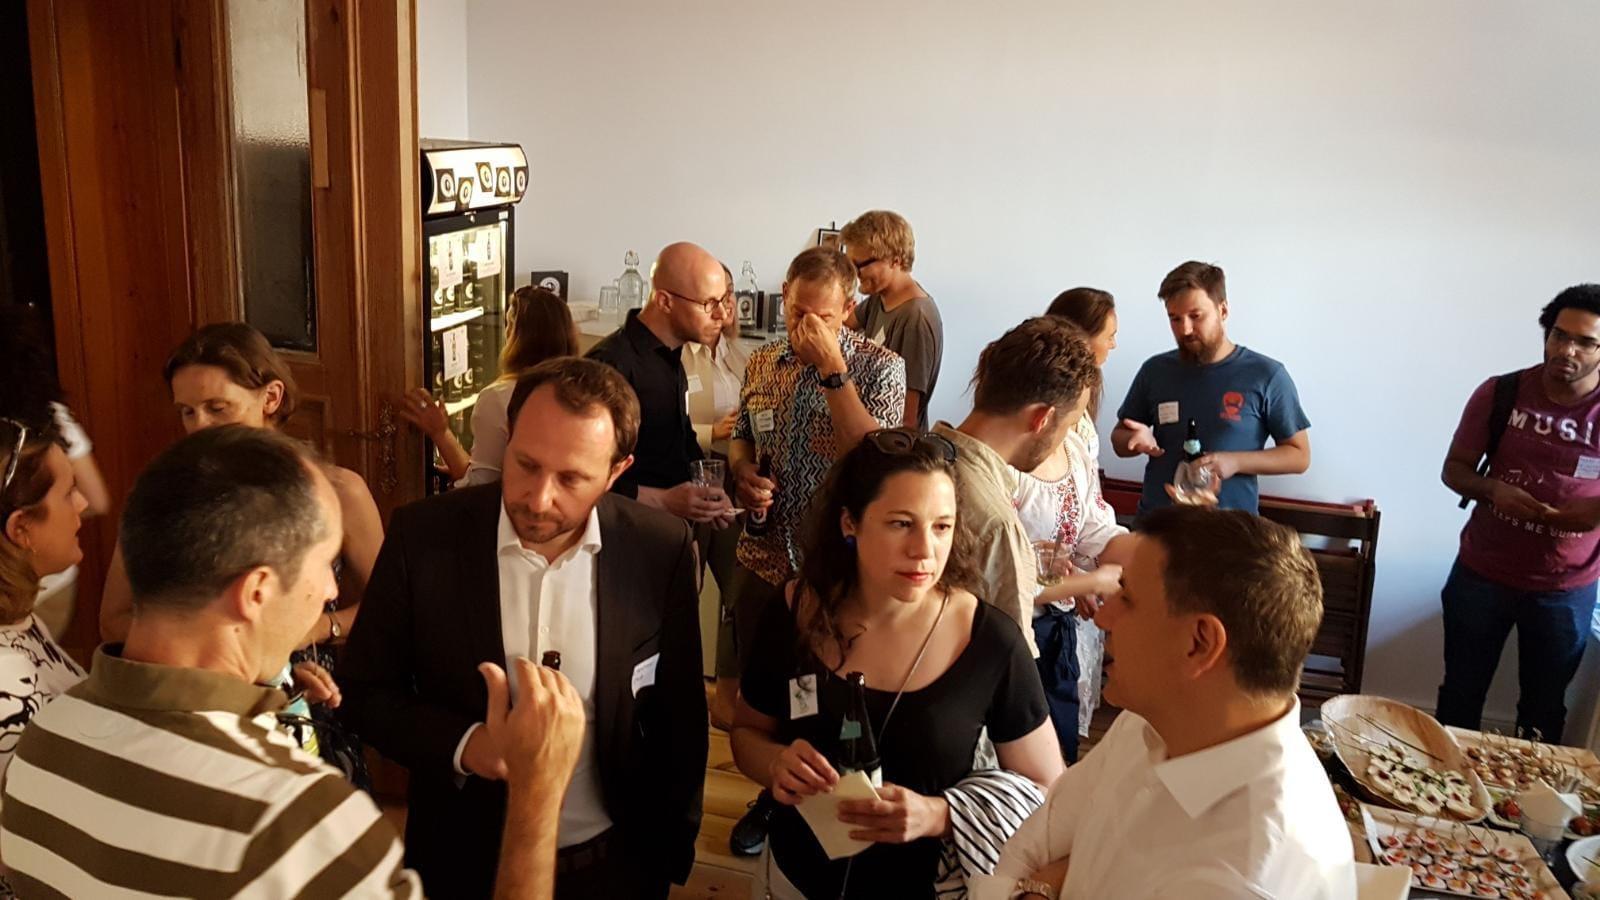 Berlin Office Party.jpeg